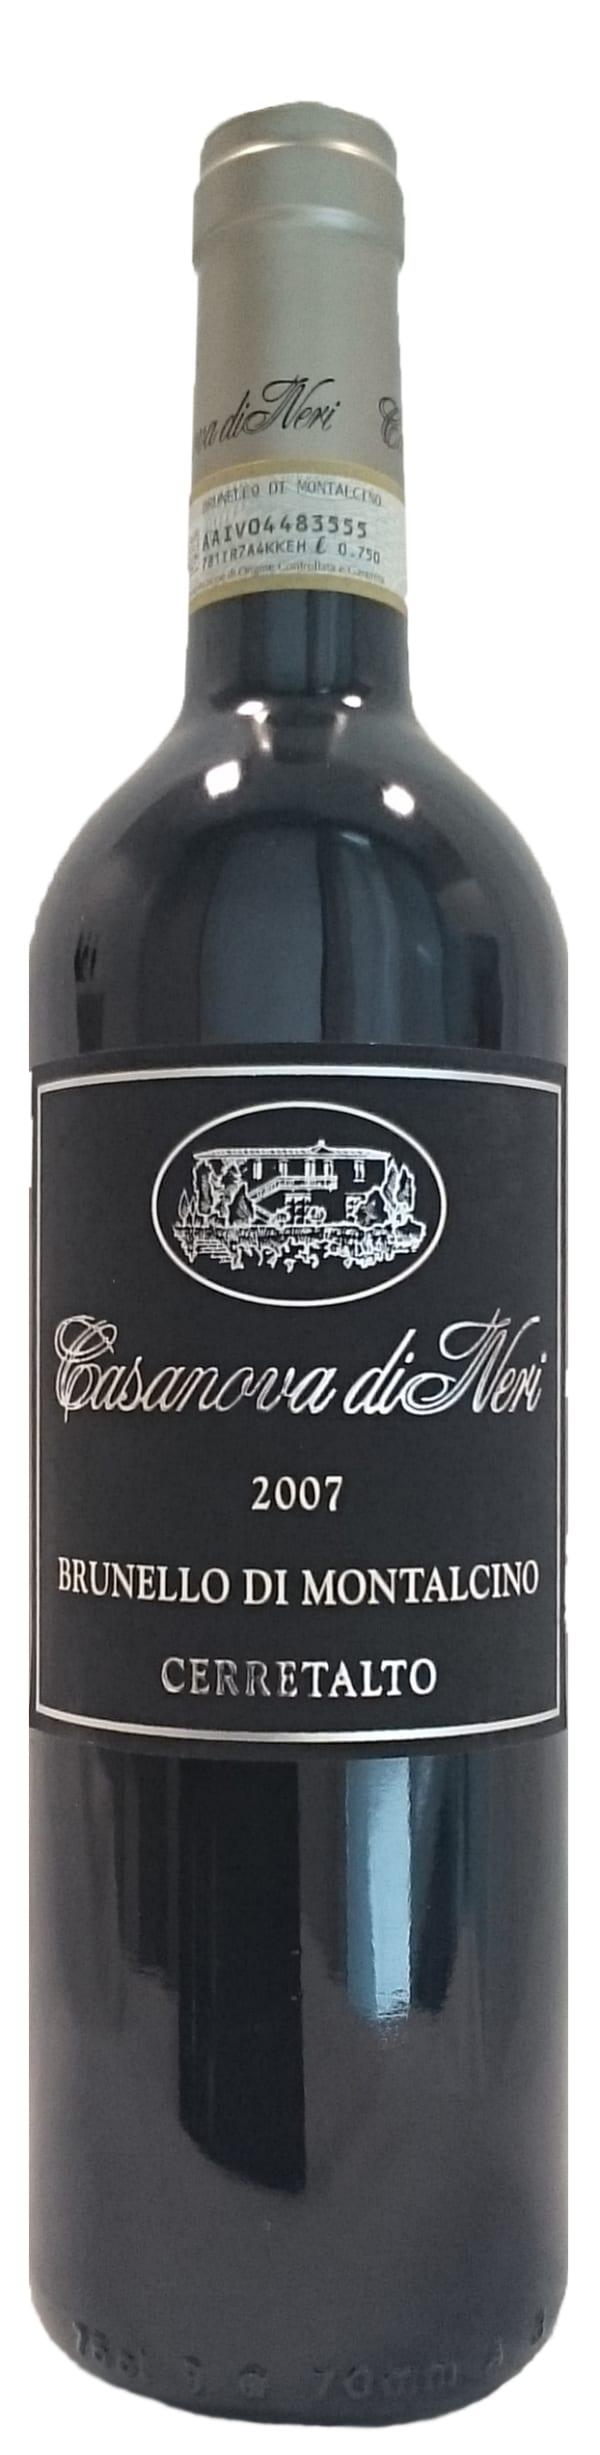 Casanova di Neri Brunello di Montalcino Cerretalto 2007